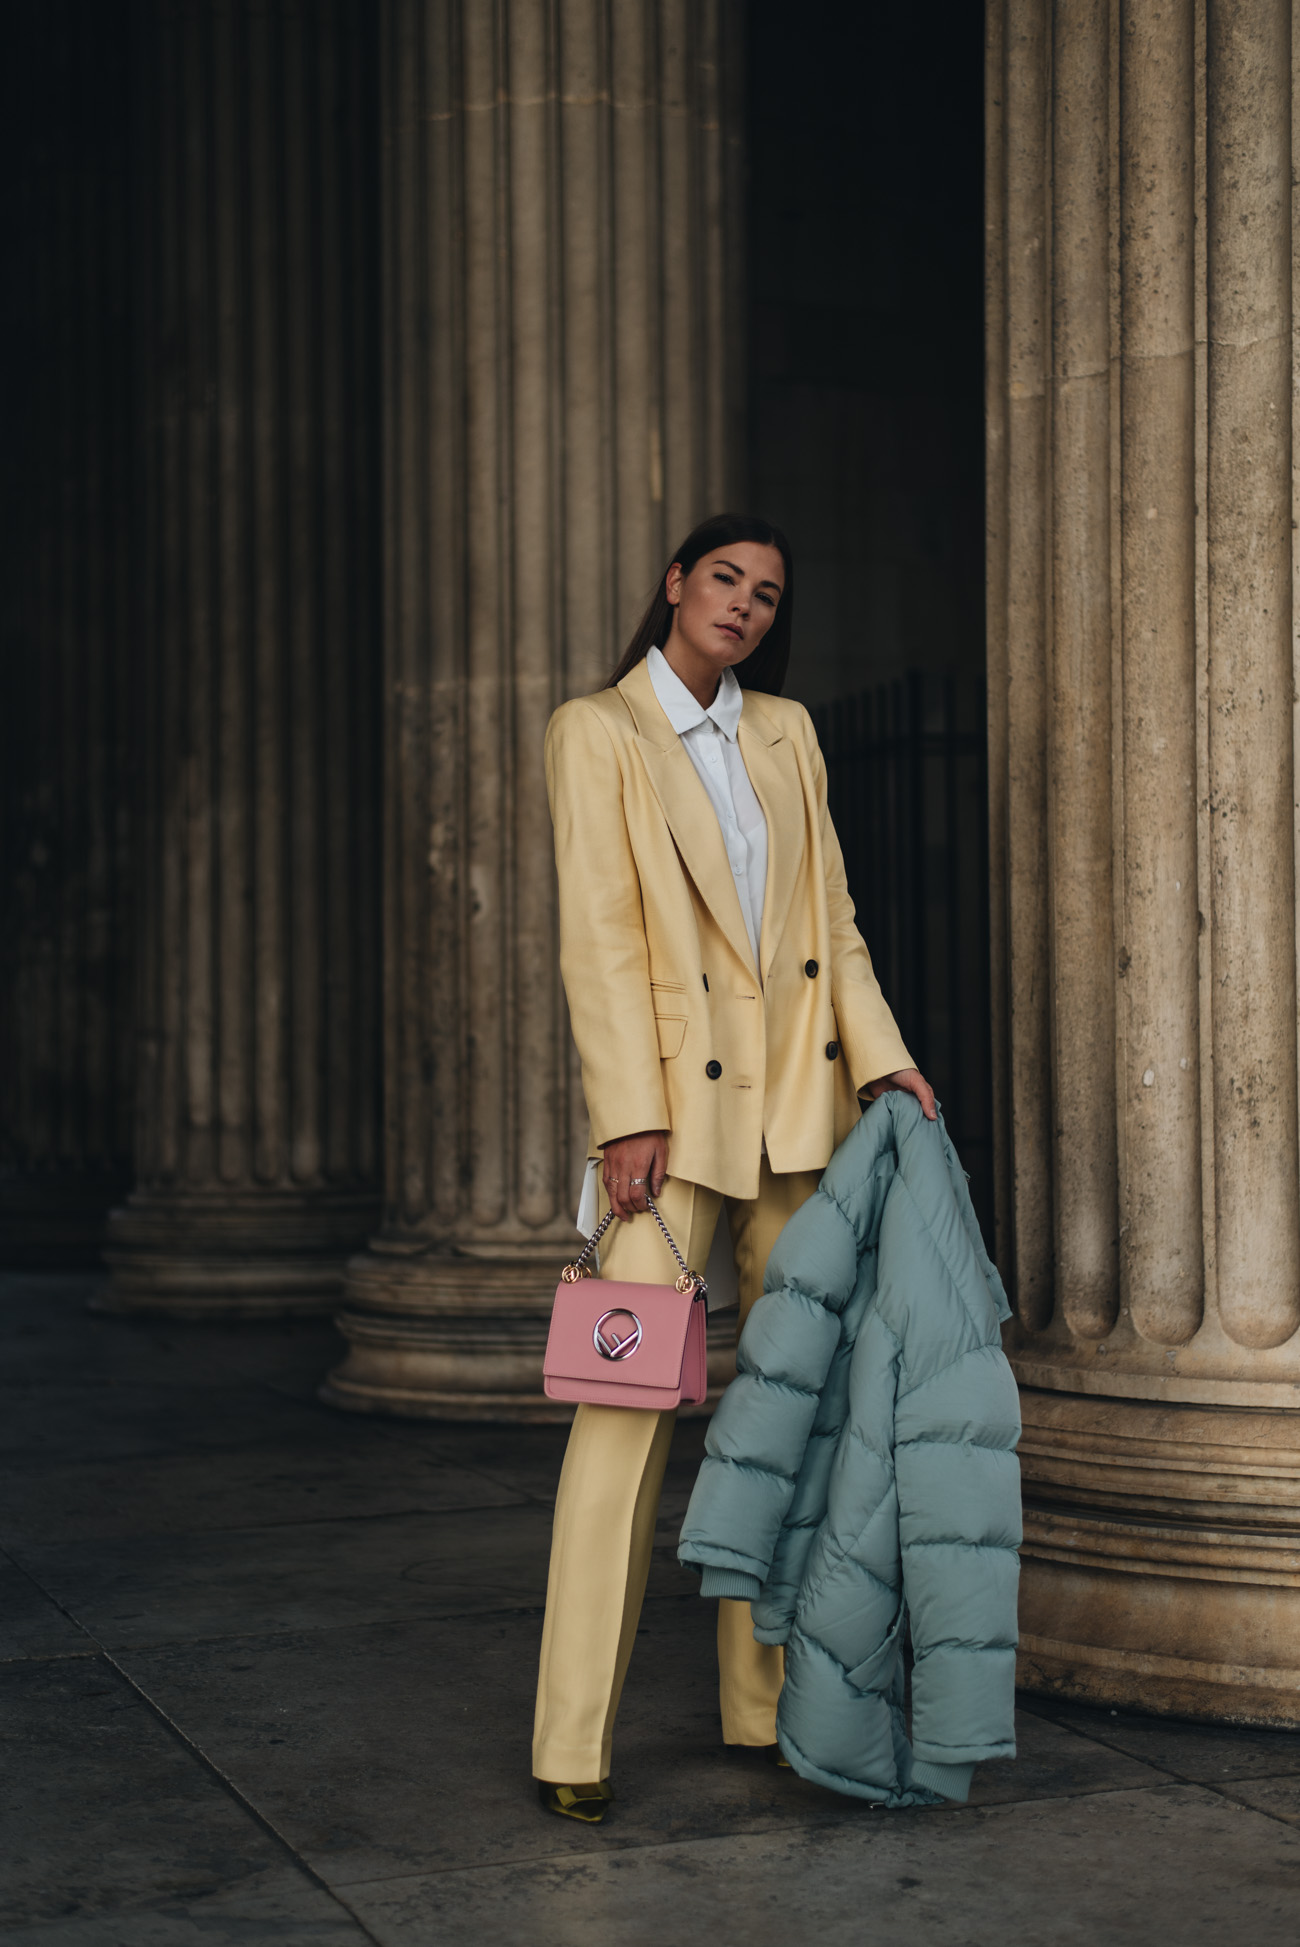 Nina-Schwichtenberg-mode-und-beauty-bloggerin-deutschland-münchen-fashiioncarpet-Hosenanzug-style-tipps-doppelreiher-blazer-gelb